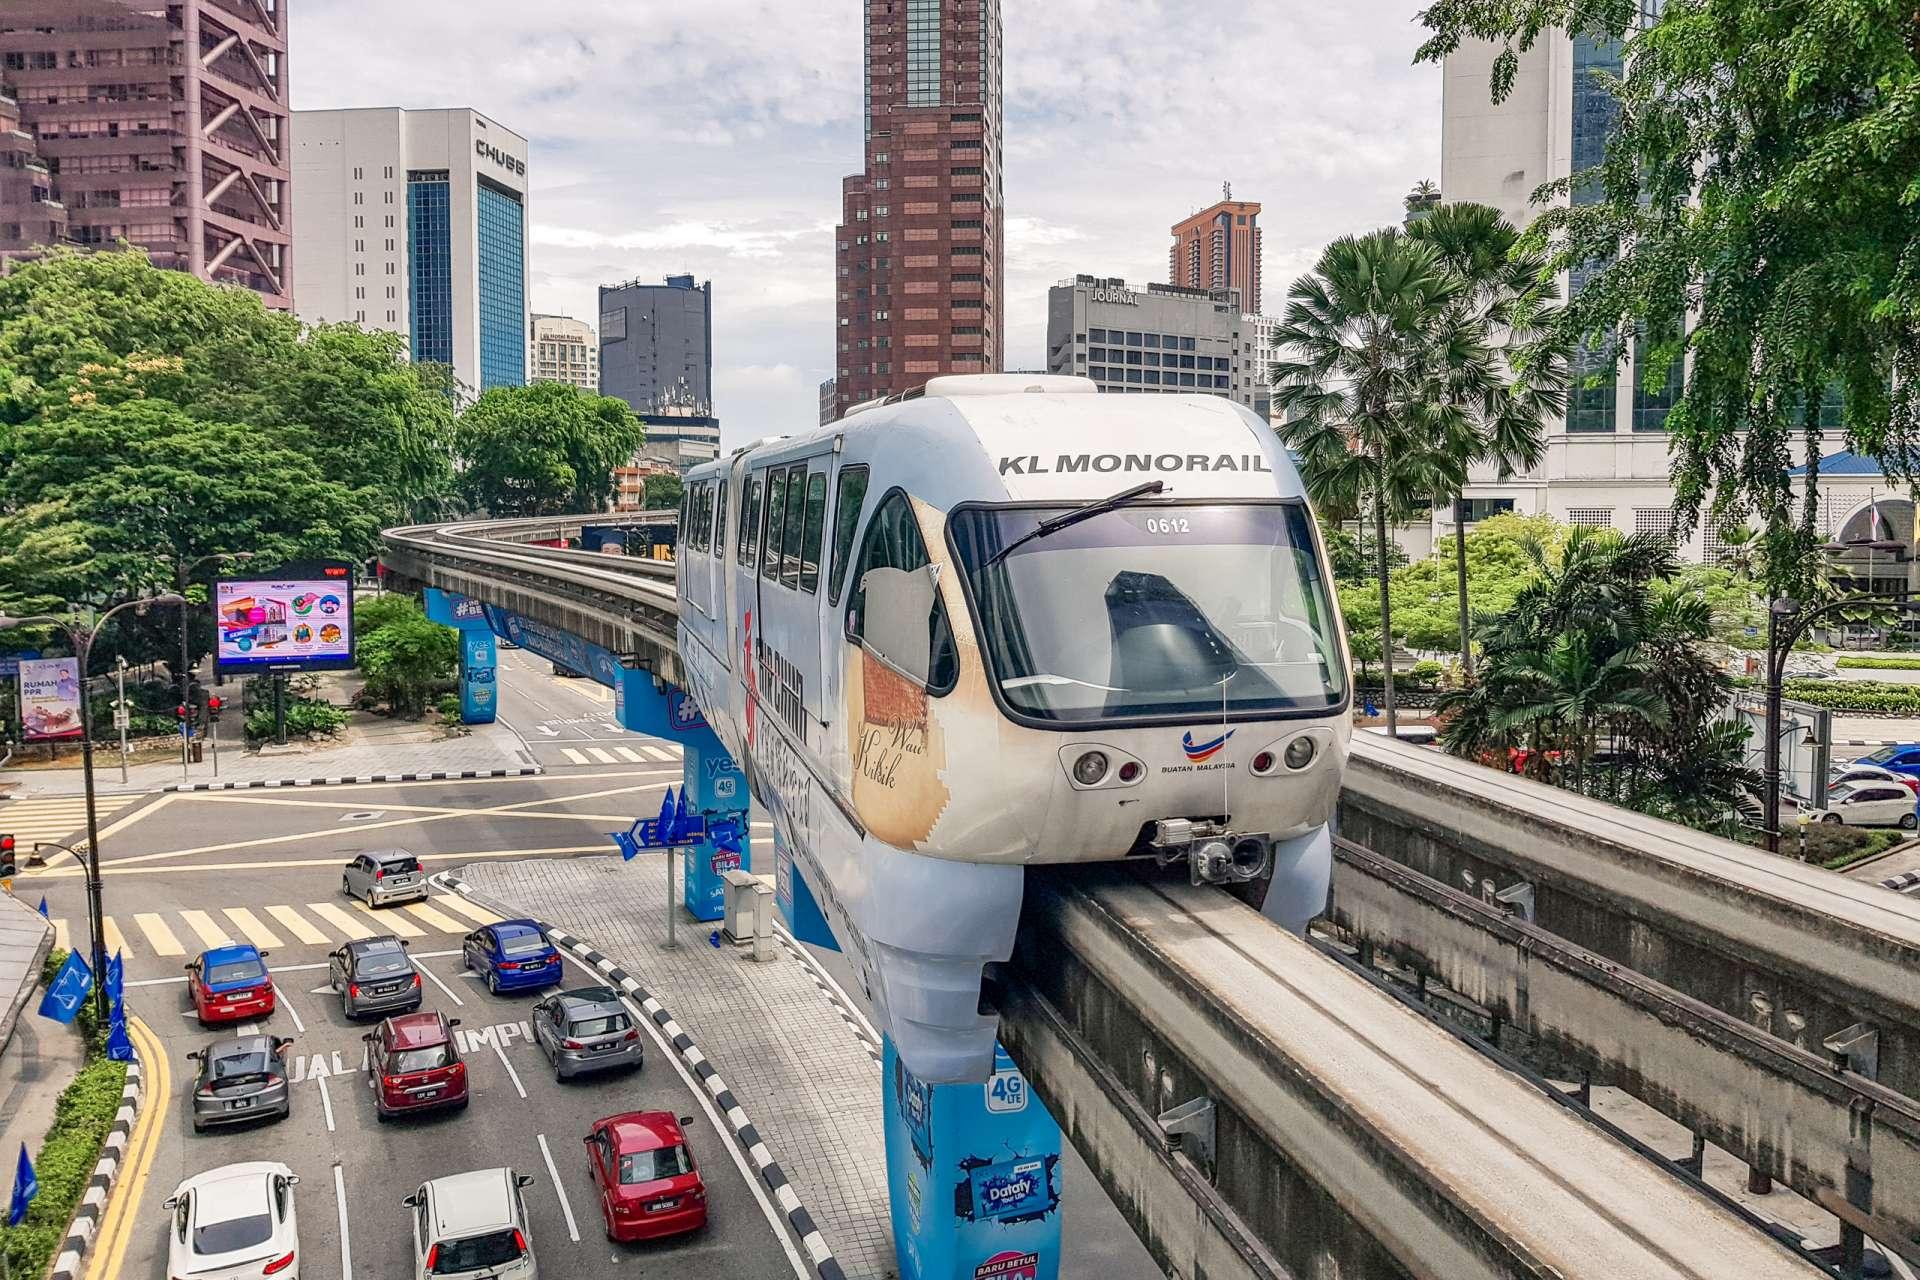 Malaysia Kuala Lumpur monorail